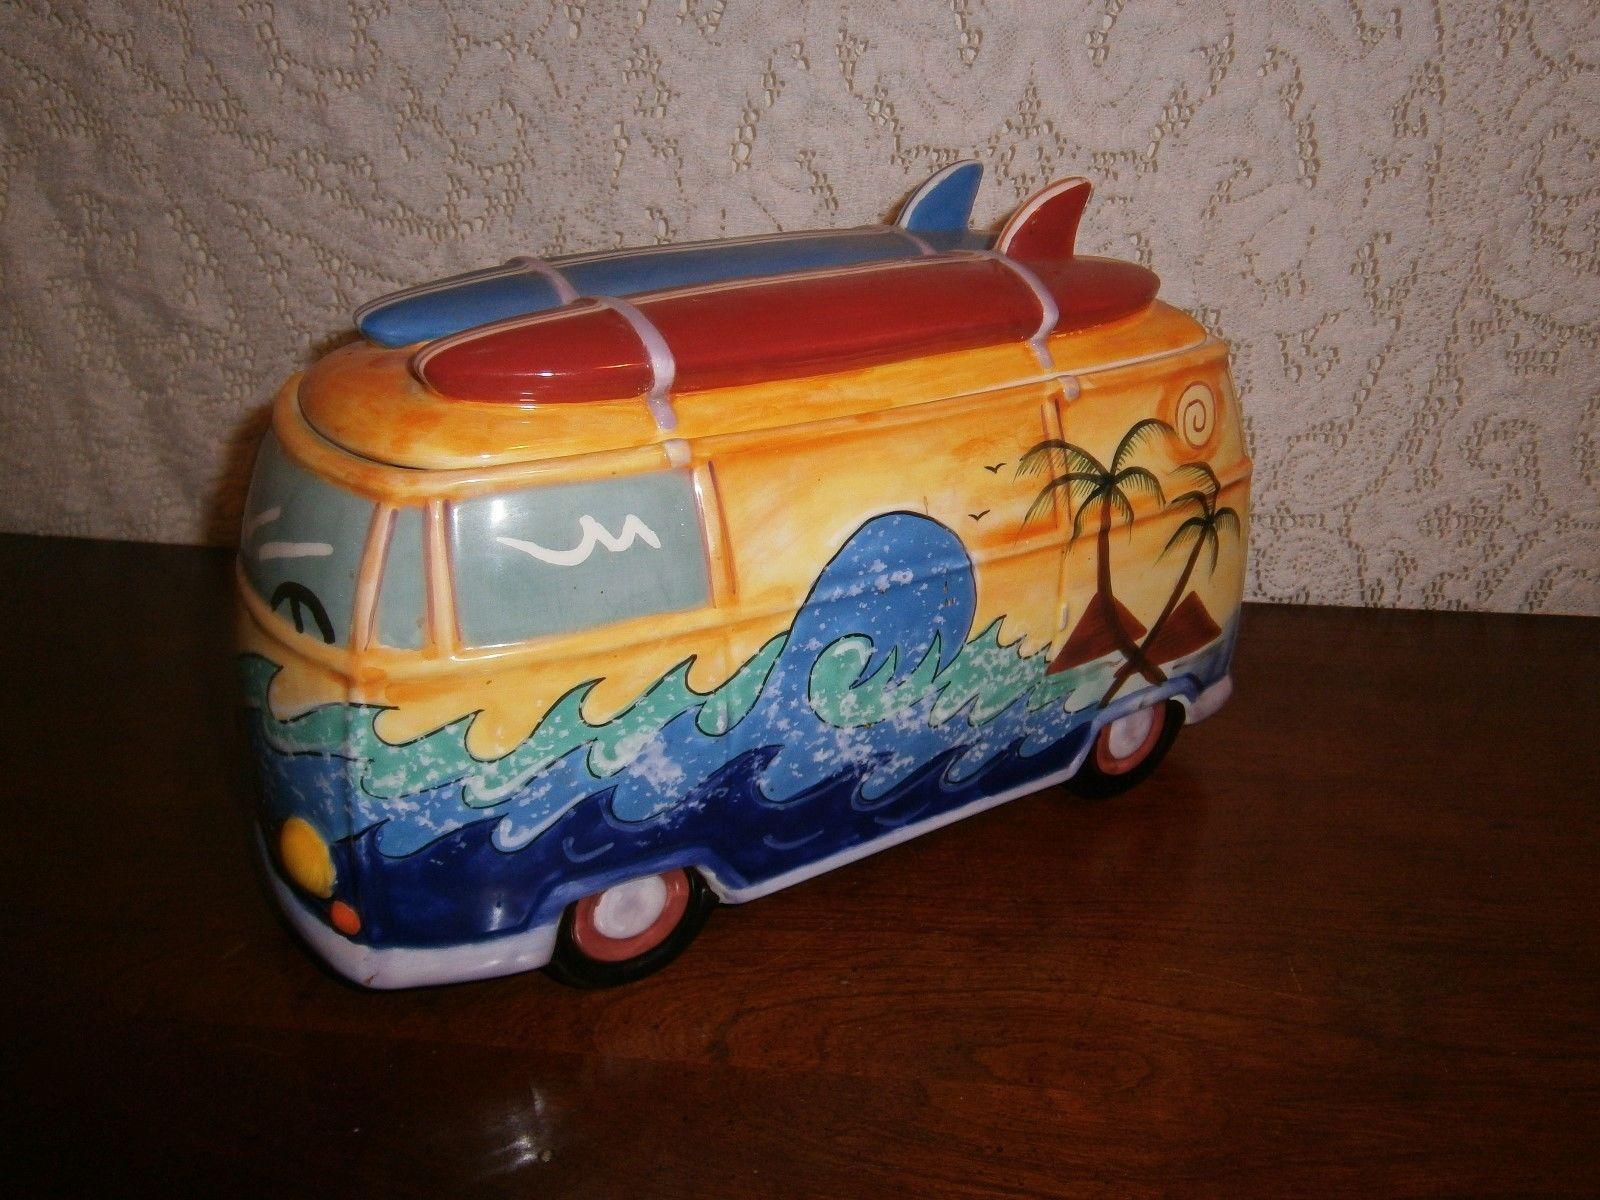 Vw Bus Cookie Jar Jars